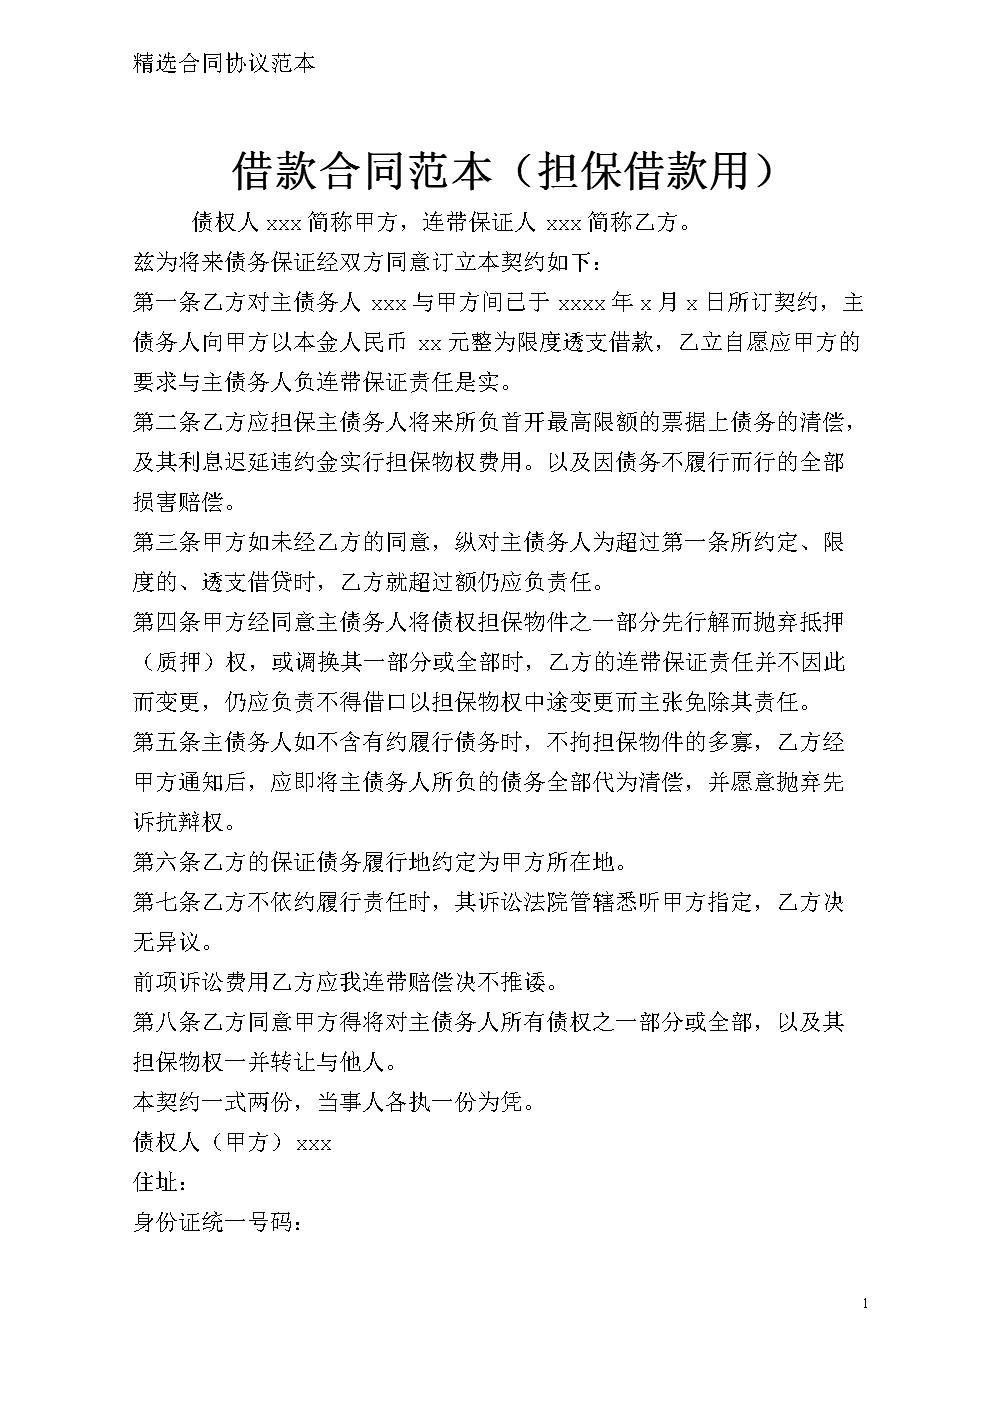 借款合同样本模板(担保借款用).doc